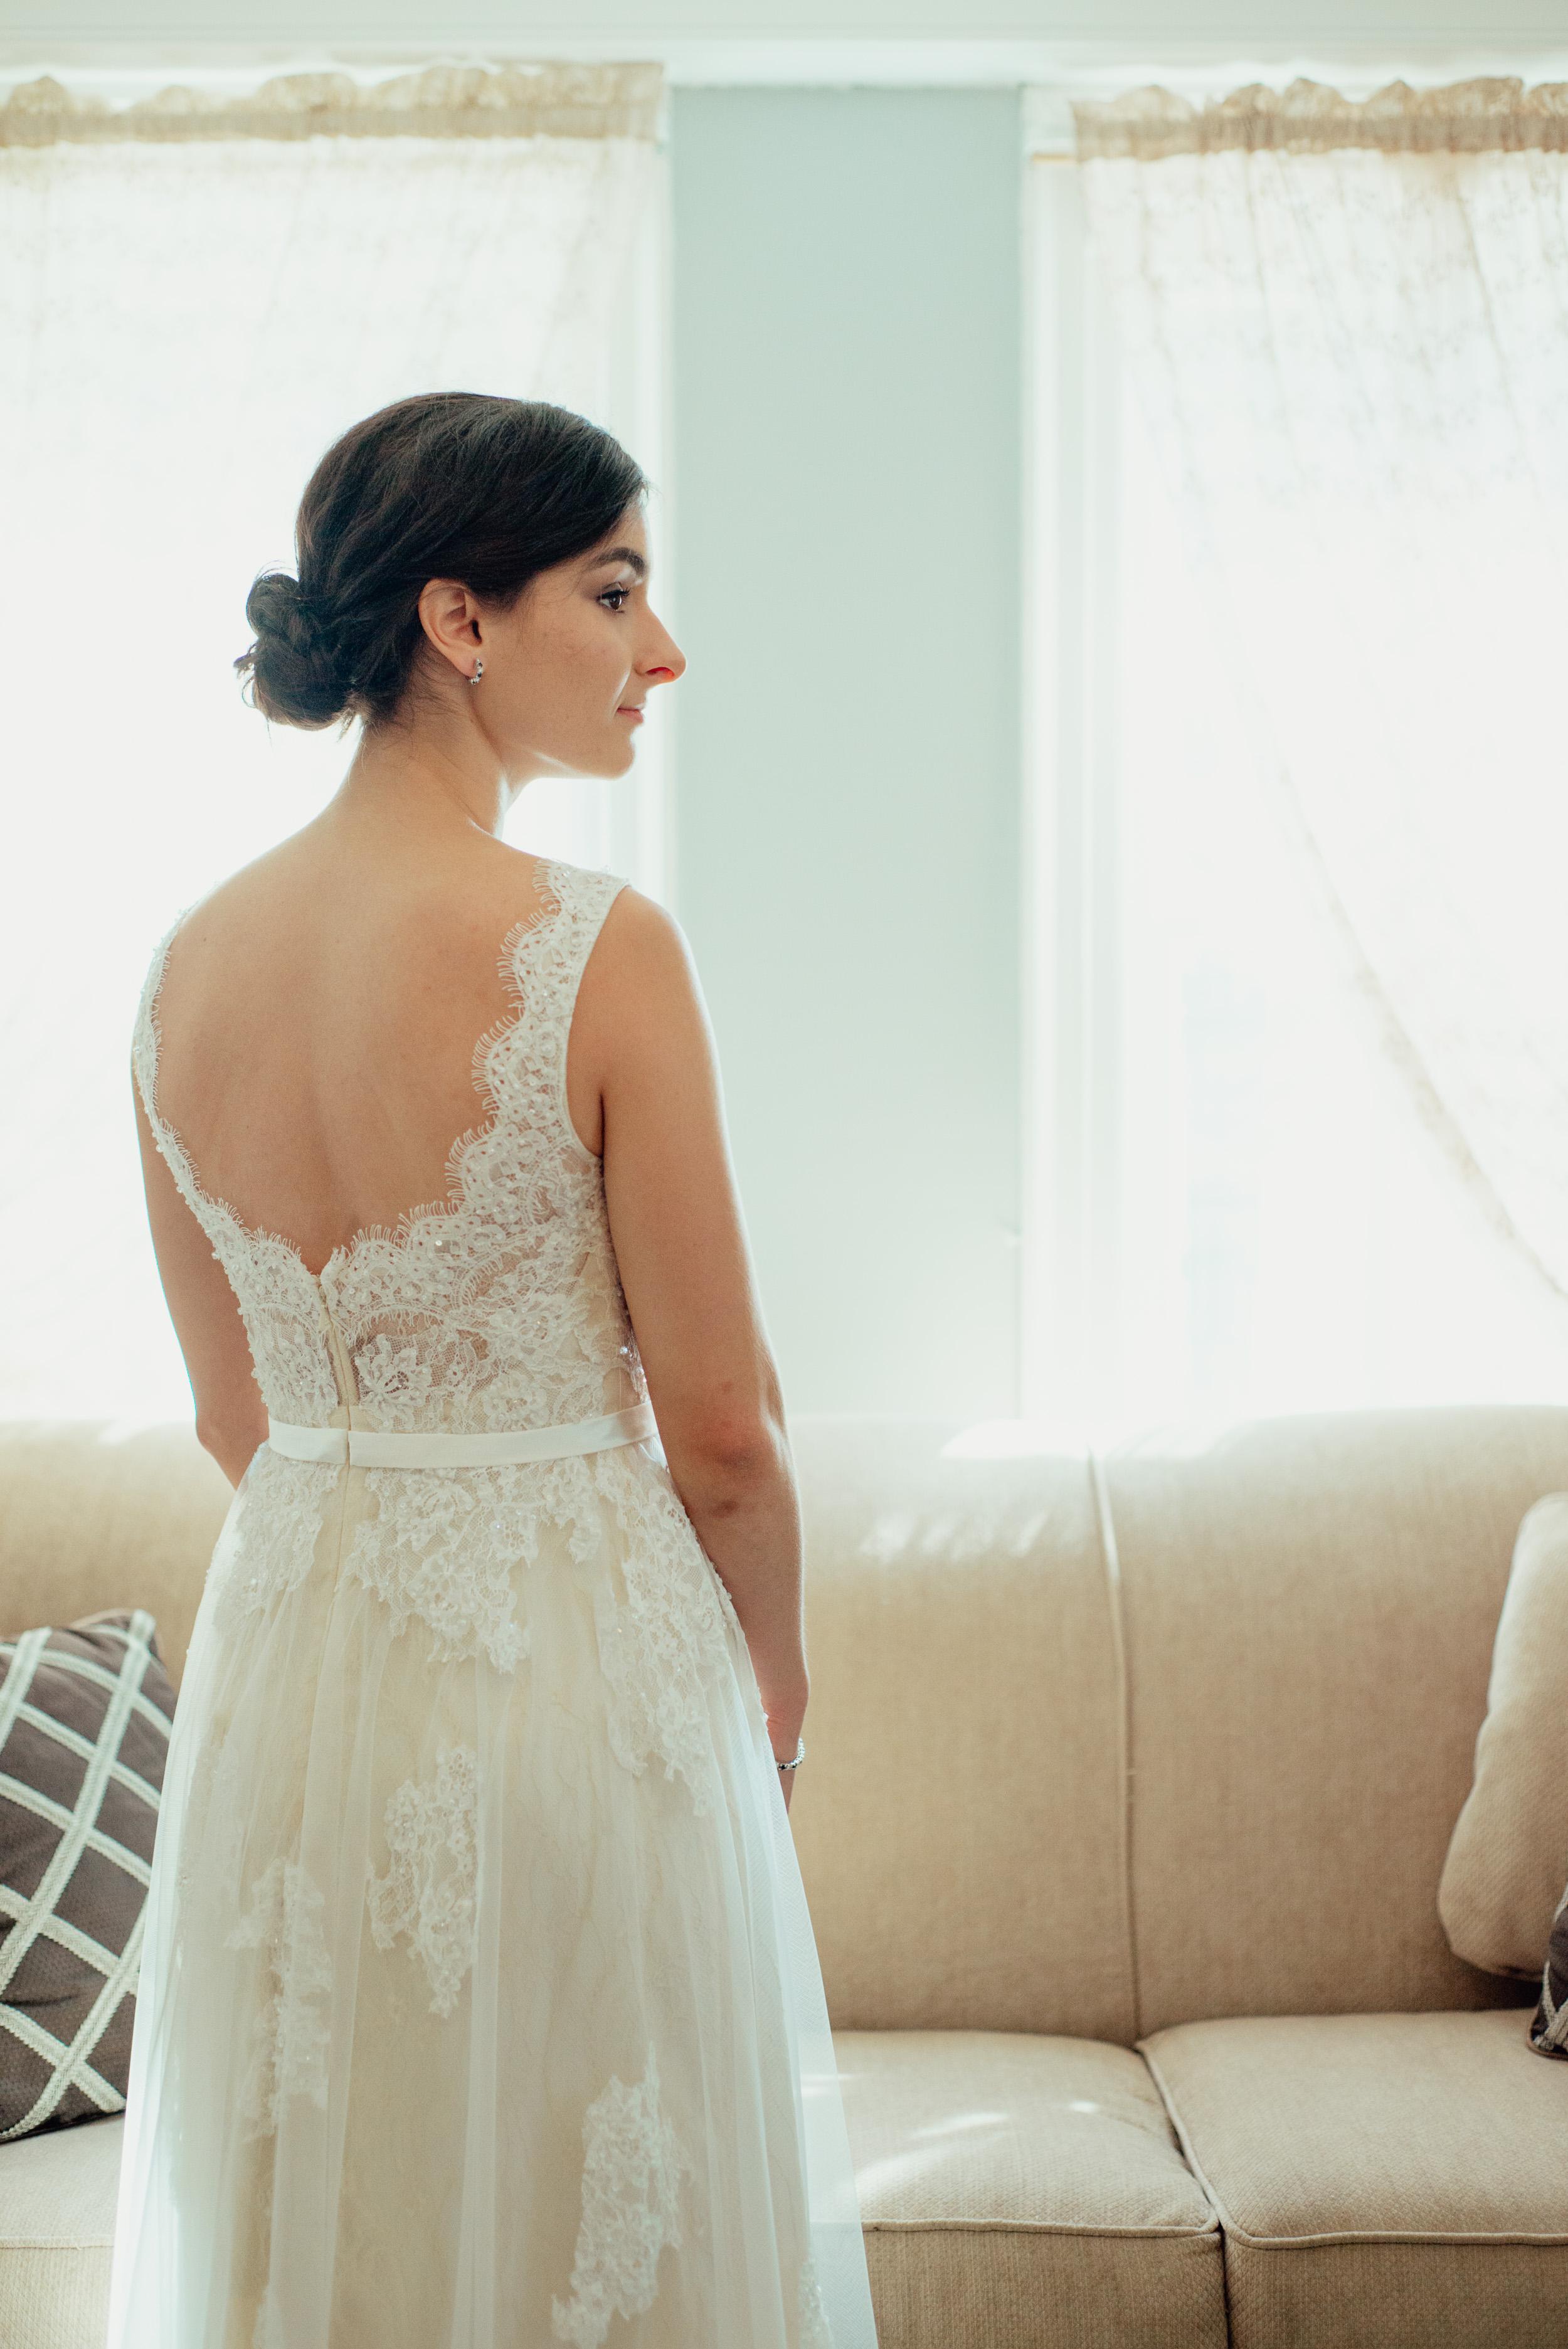 cleland-studios-weddings-3.jpg